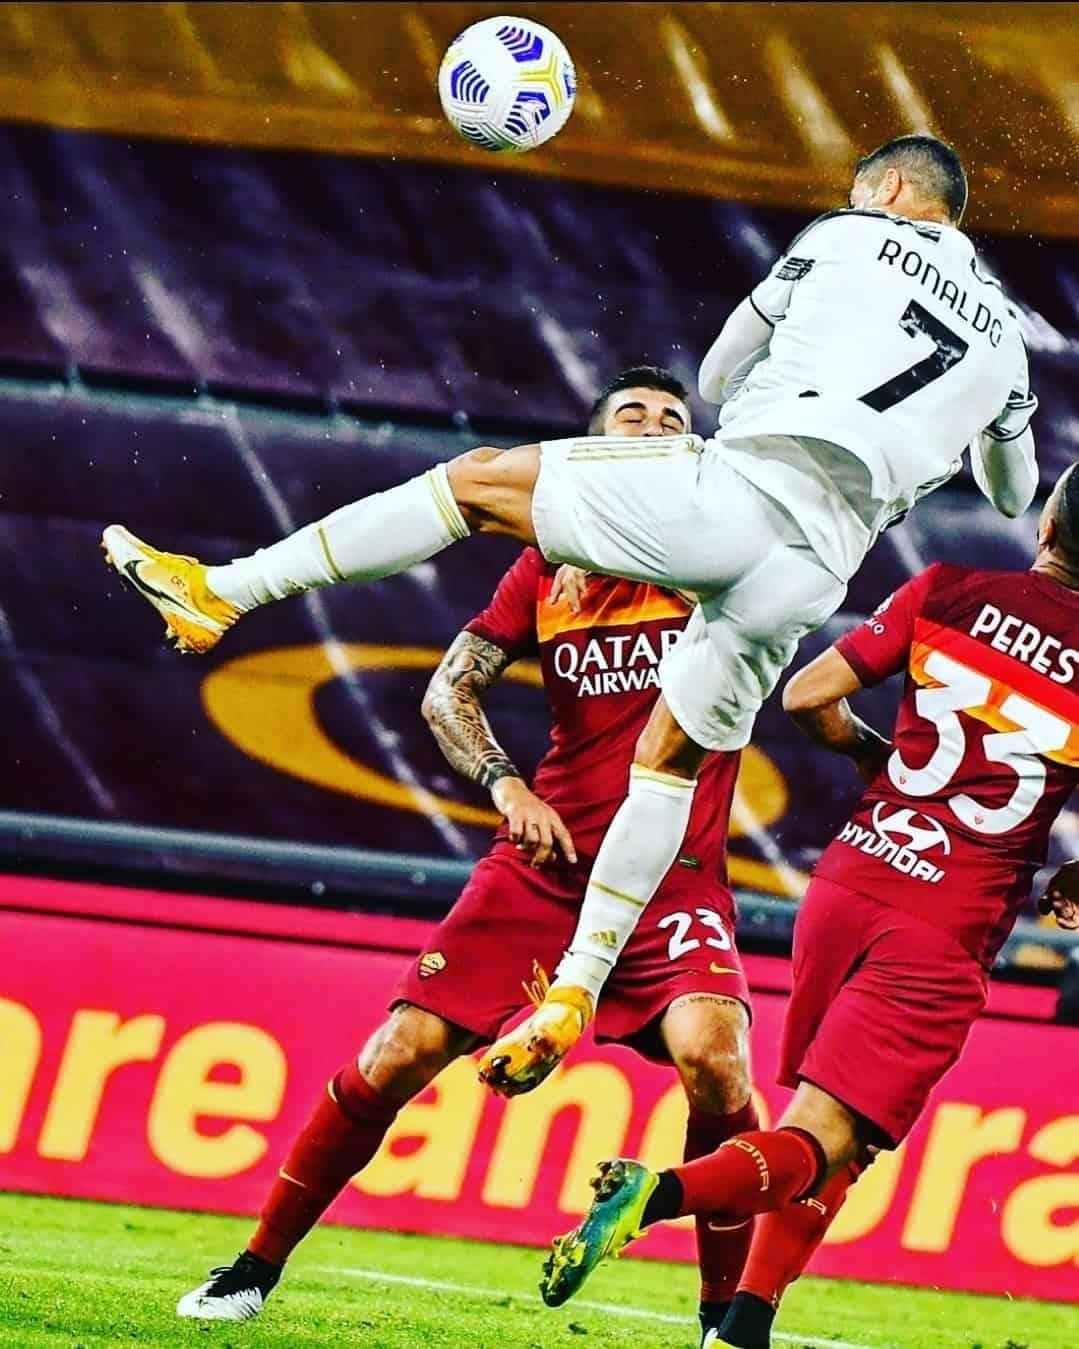 L'istantanea del definitivo 2-2 di Ronaldo, fonte